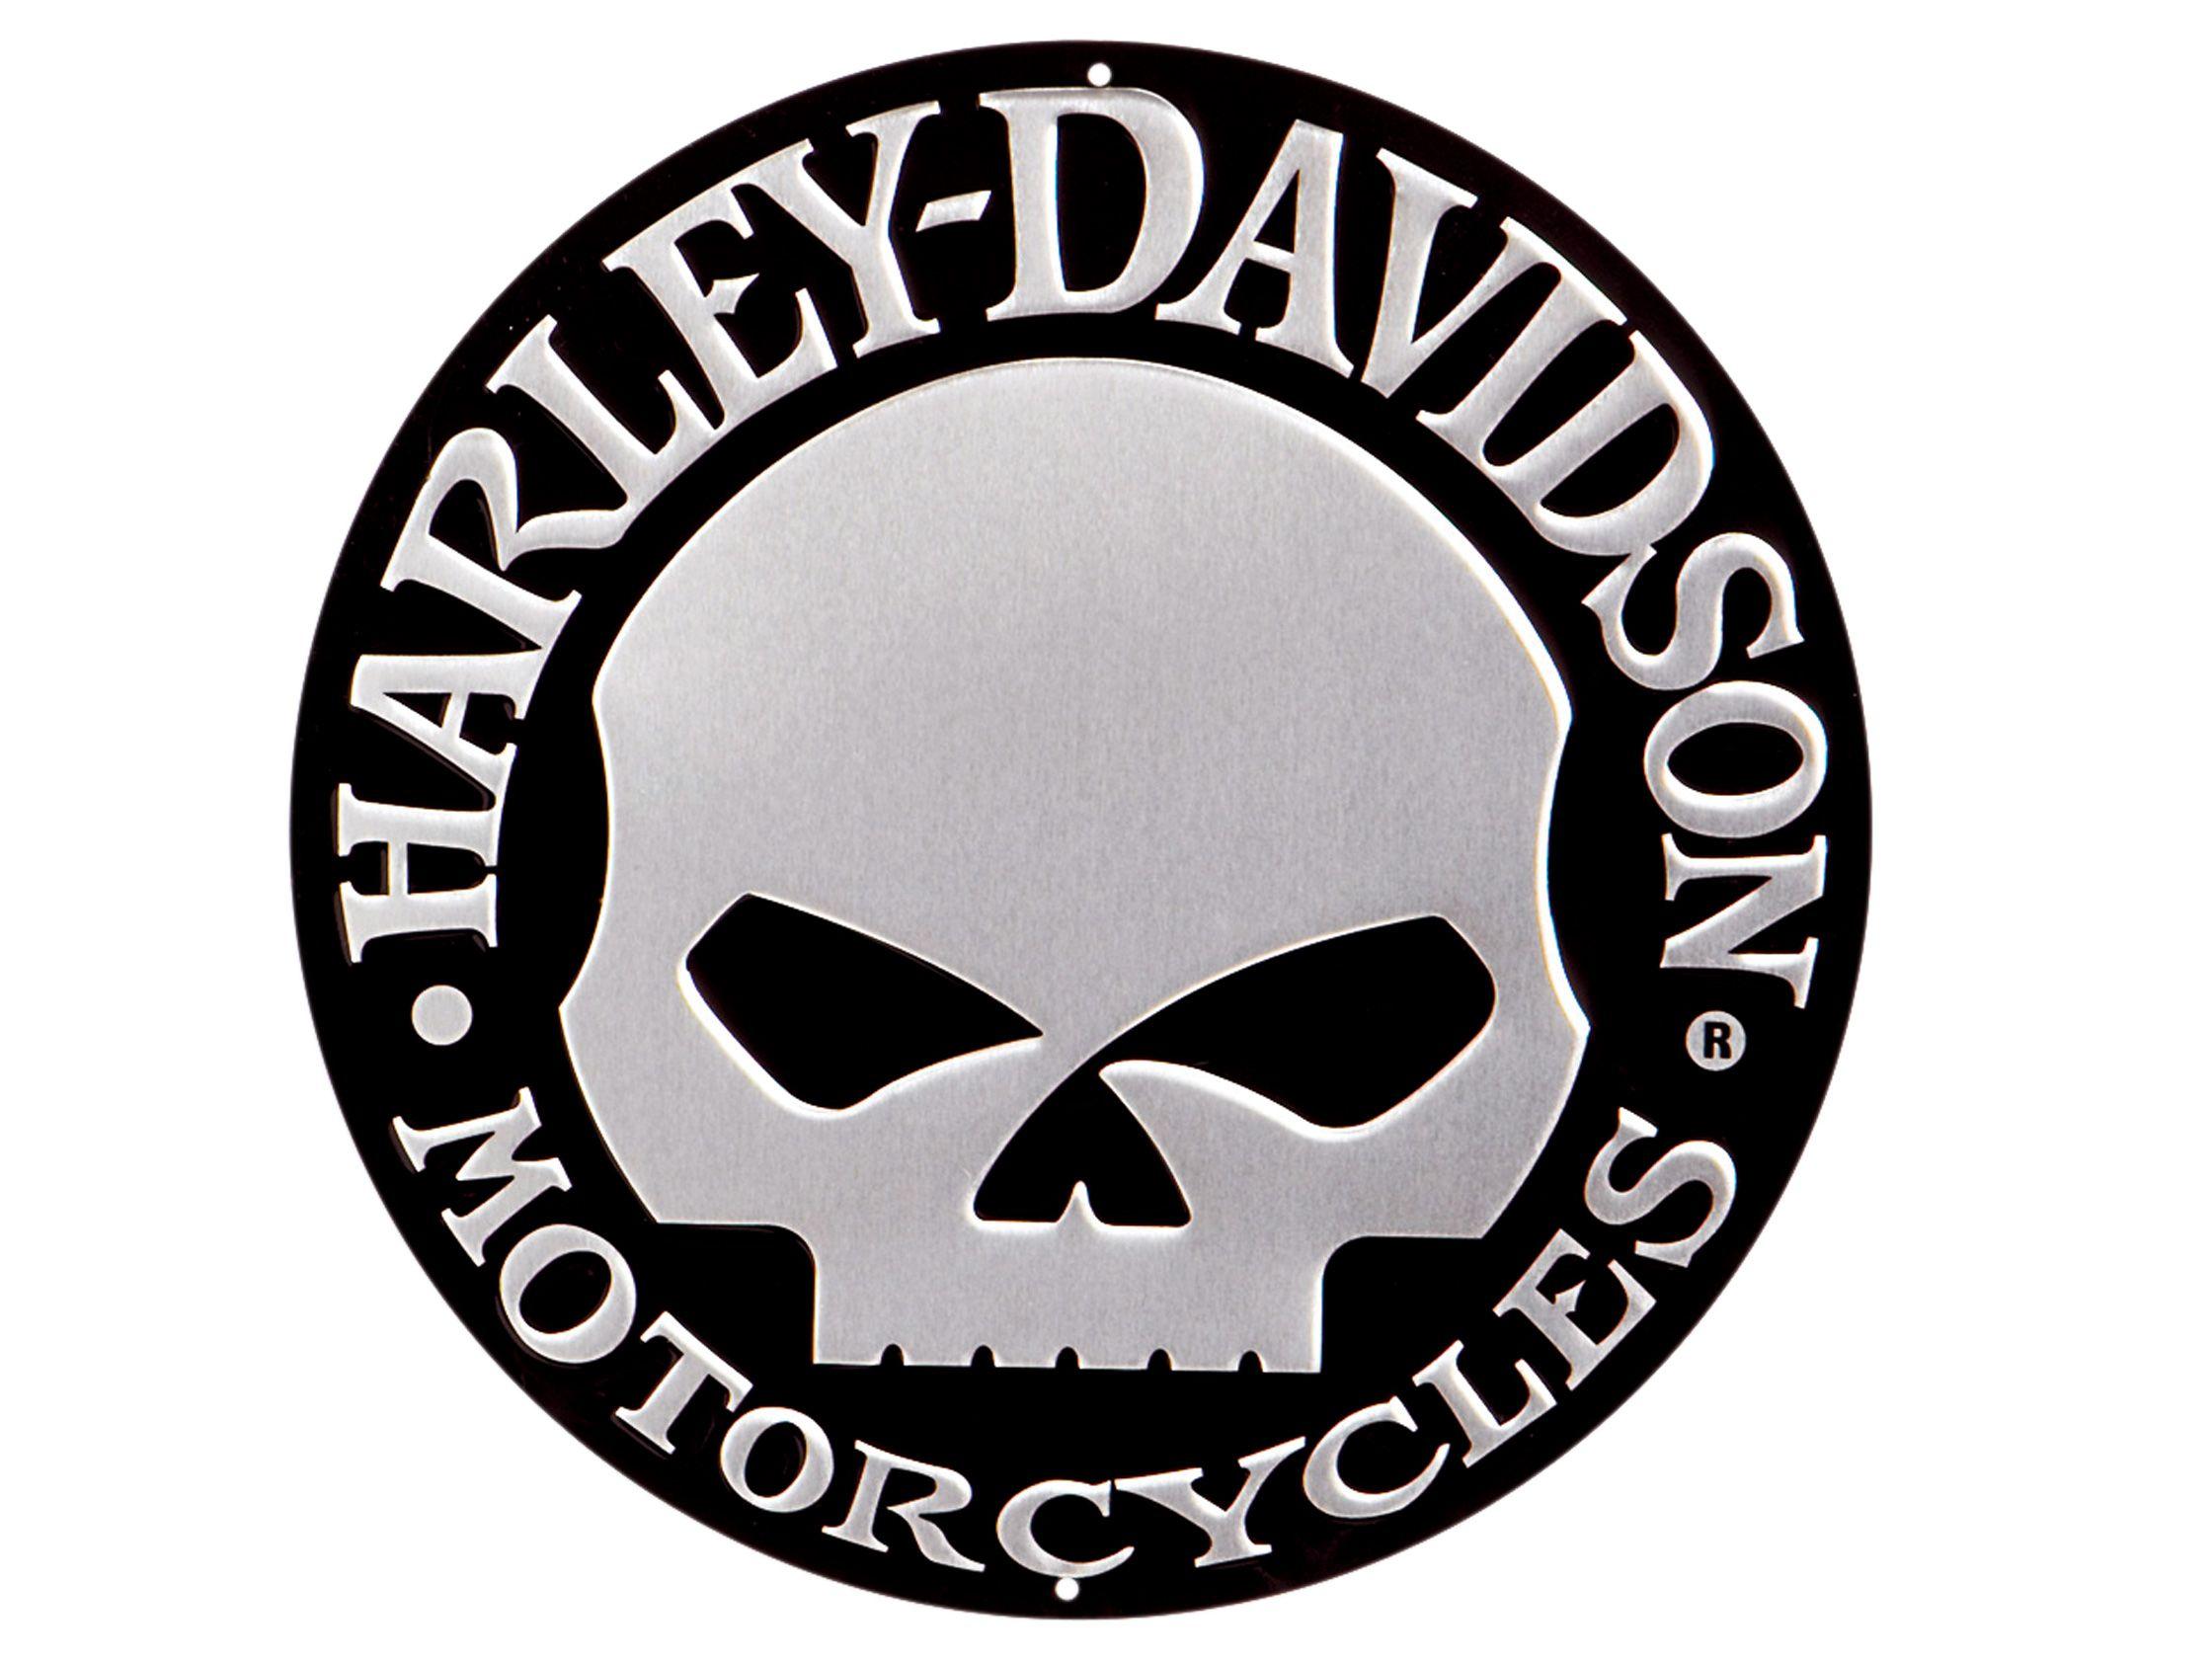 harley davidson number 1 skull logo background 1 hd. Black Bedroom Furniture Sets. Home Design Ideas